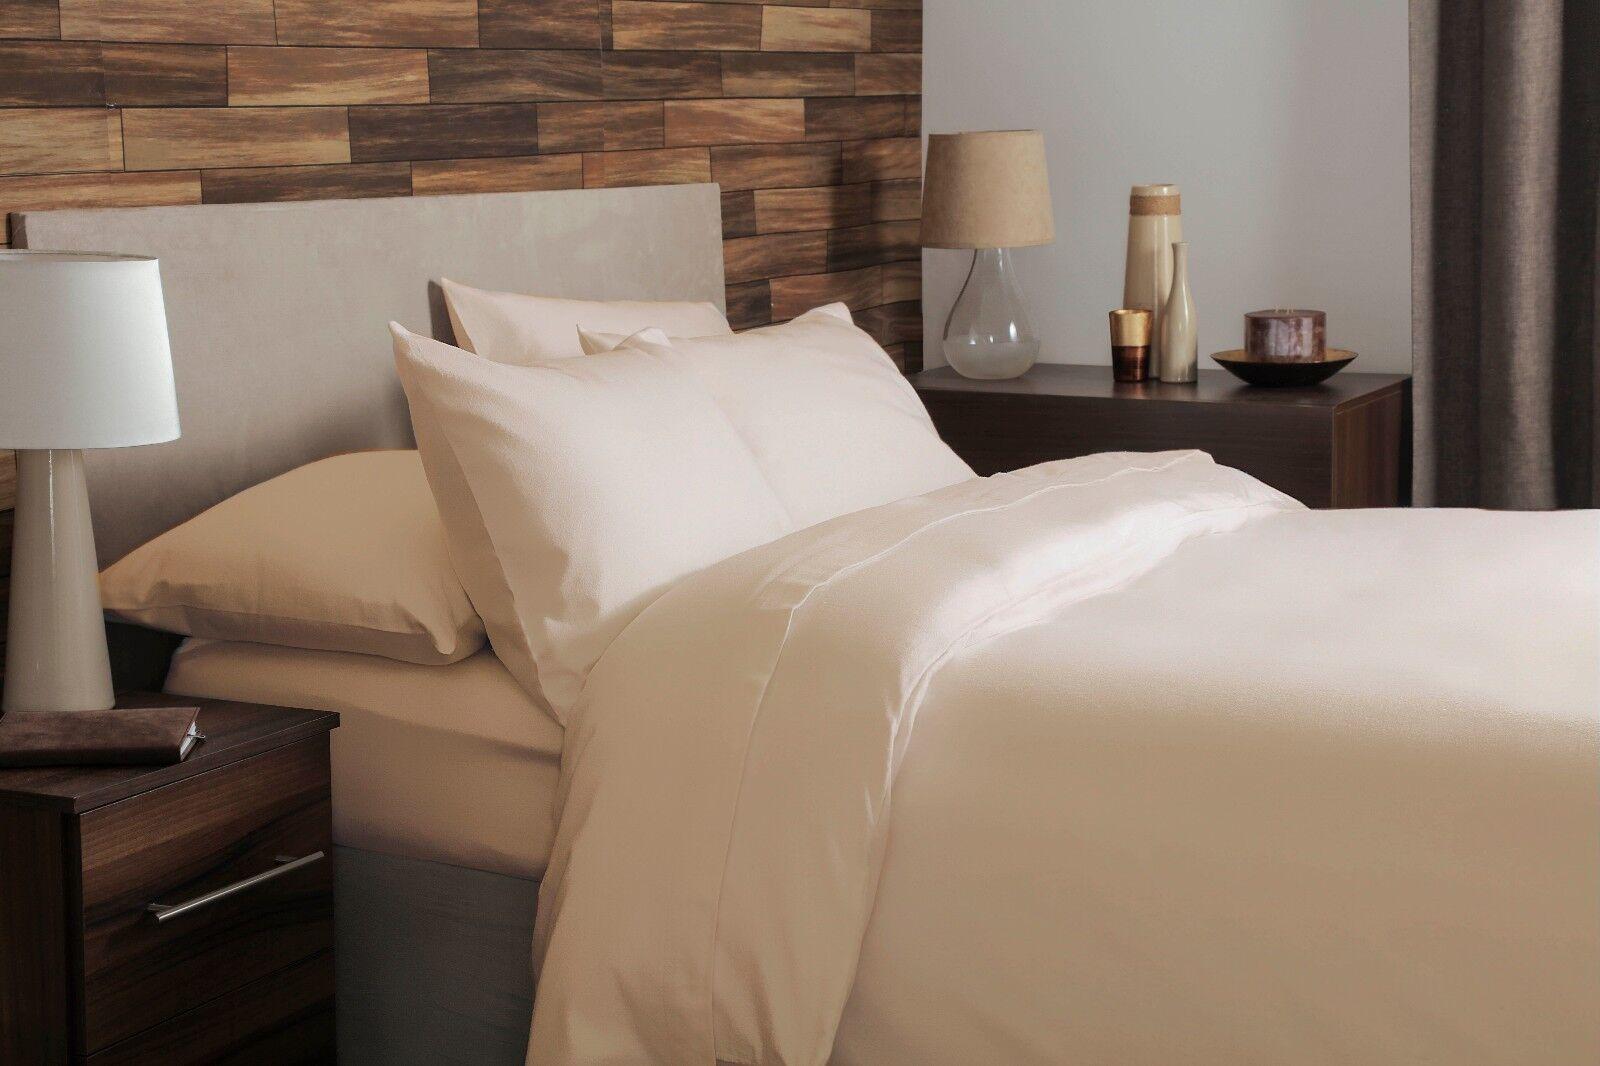 100% Brushed Cotton Plain Flannelette Double Größe Duvet Cover Set in Cream